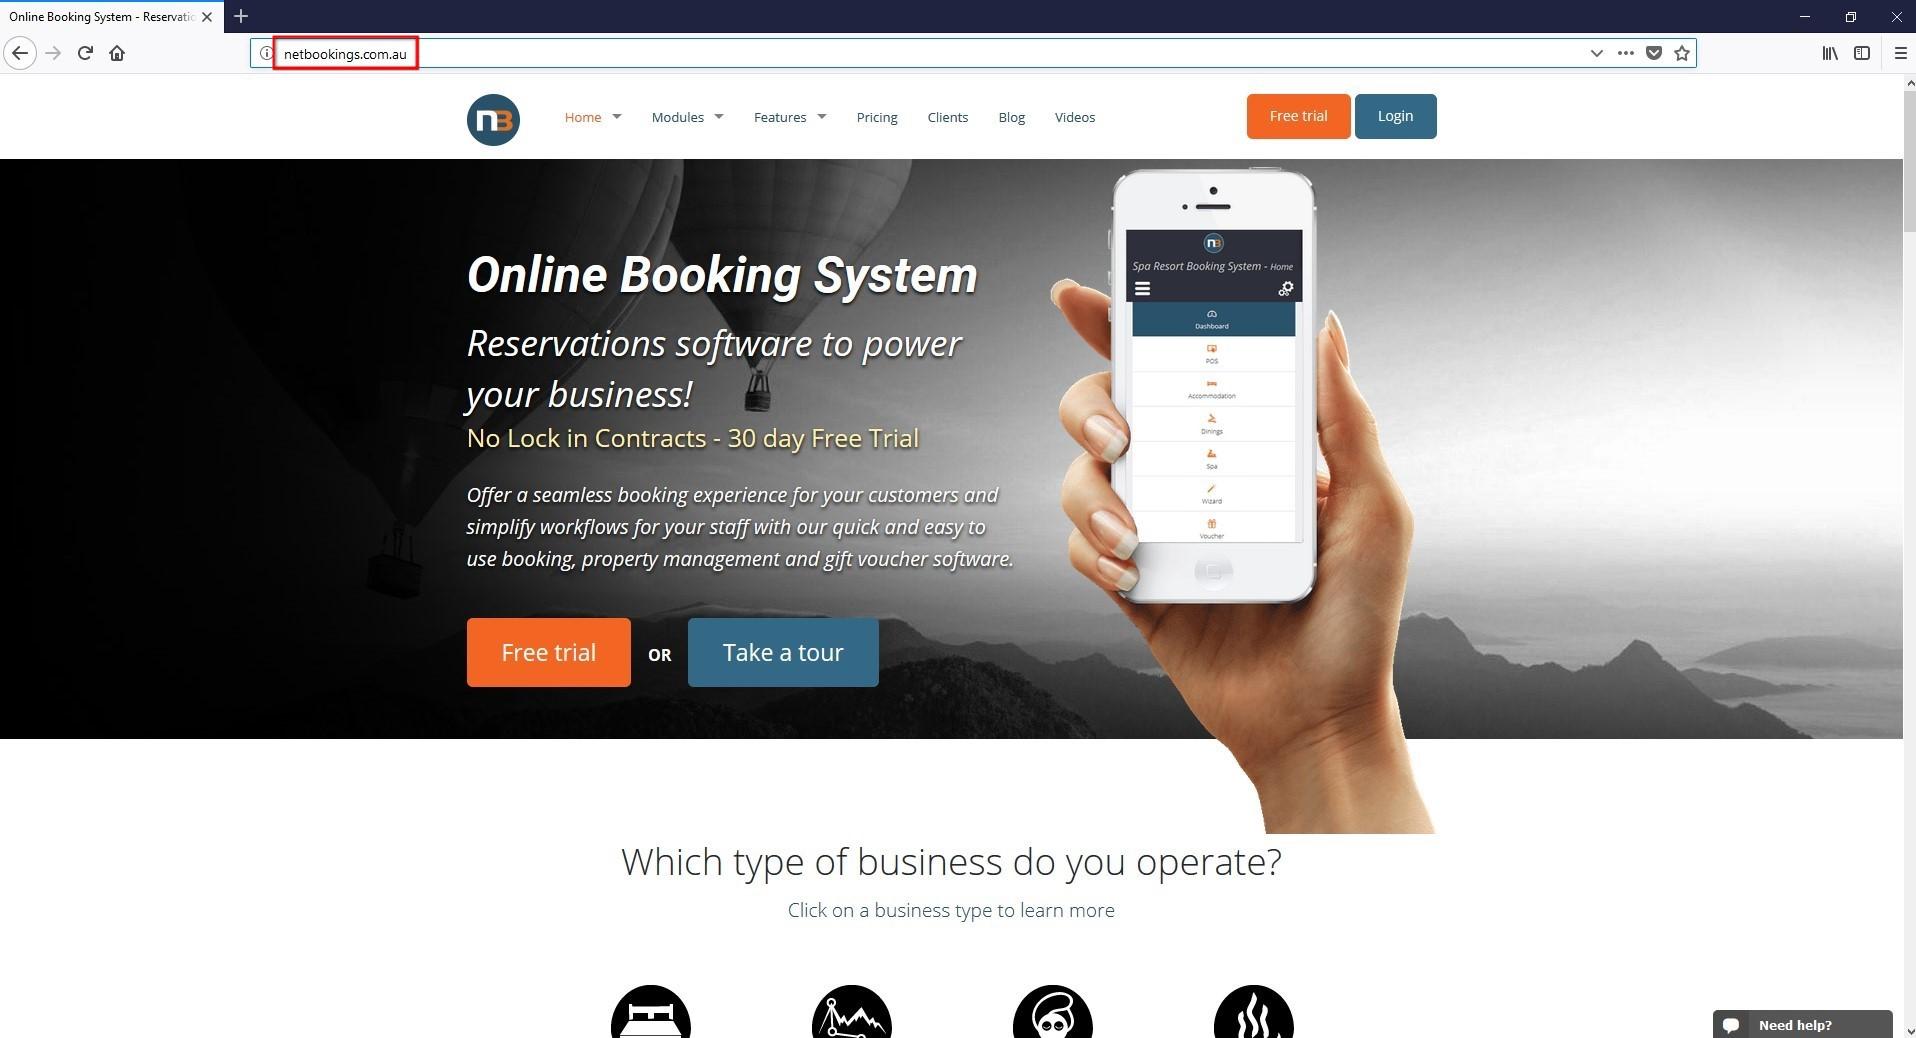 Go to Netbookings.com.au